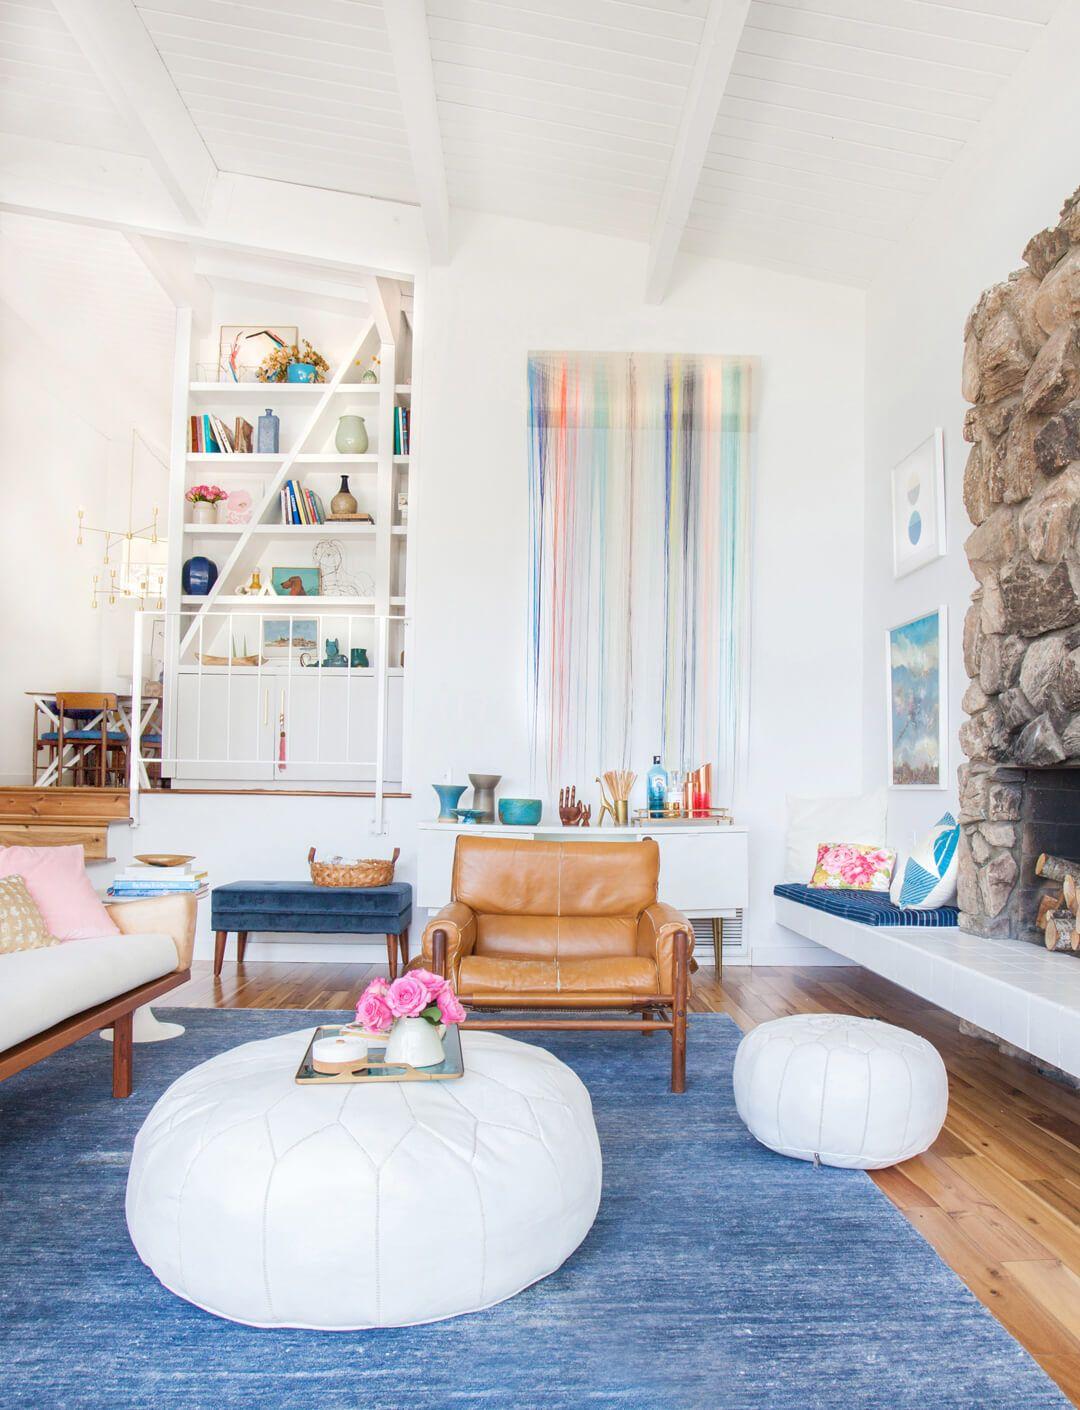 Modern living room White Courtesy Of Tessa Neustadt For Emily Henderson Designs Boho Meets Modern House Beautiful 10 Best Modern Living Room Design Ideas In 2018 Modern Living Room